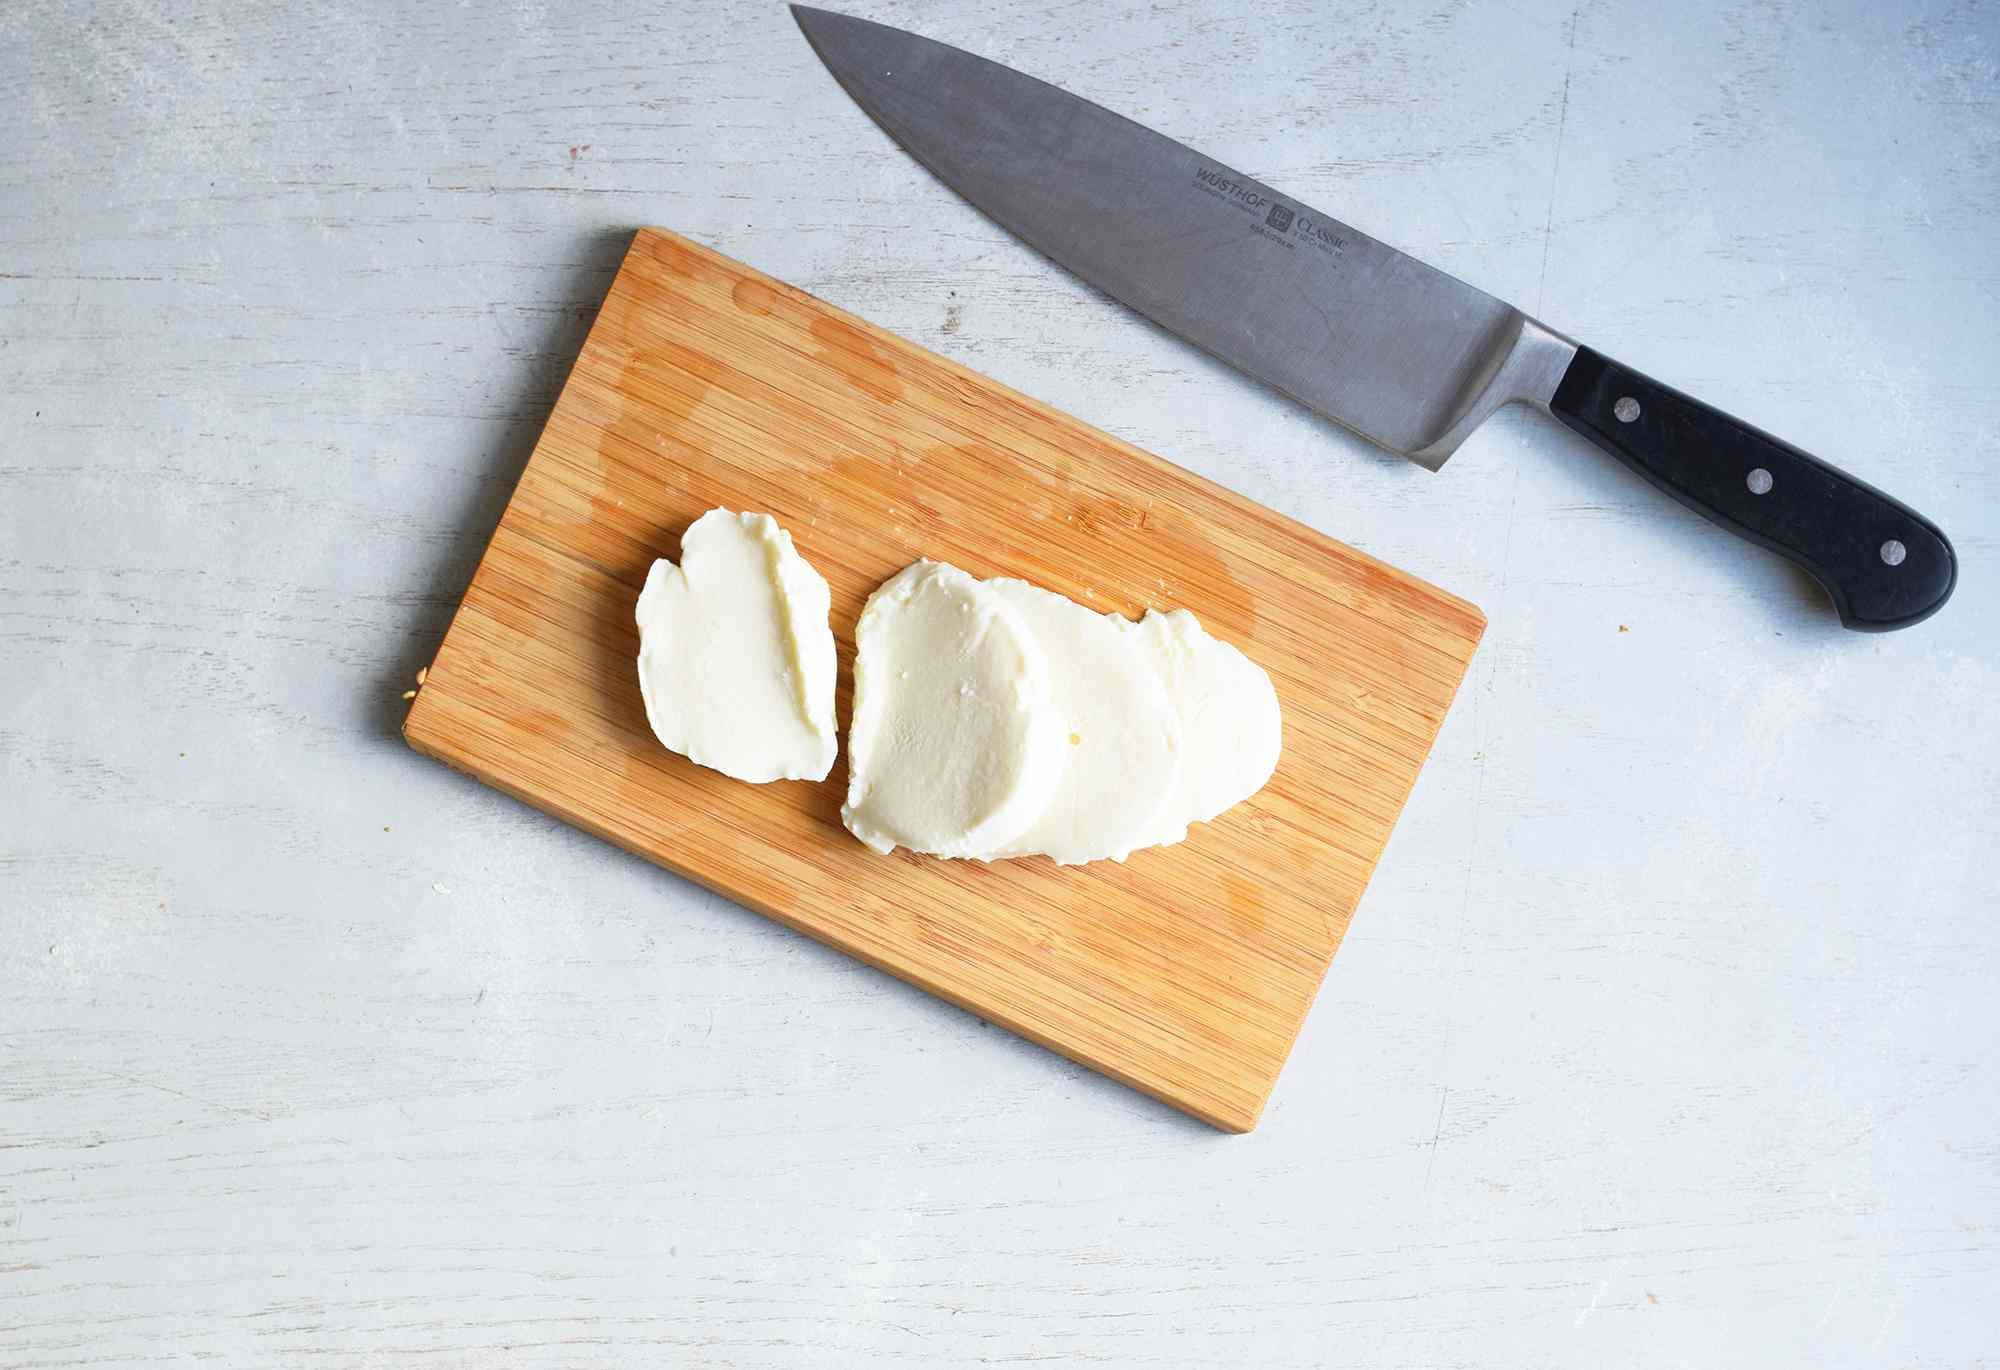 fresh mozzarella sliced on a cutting board